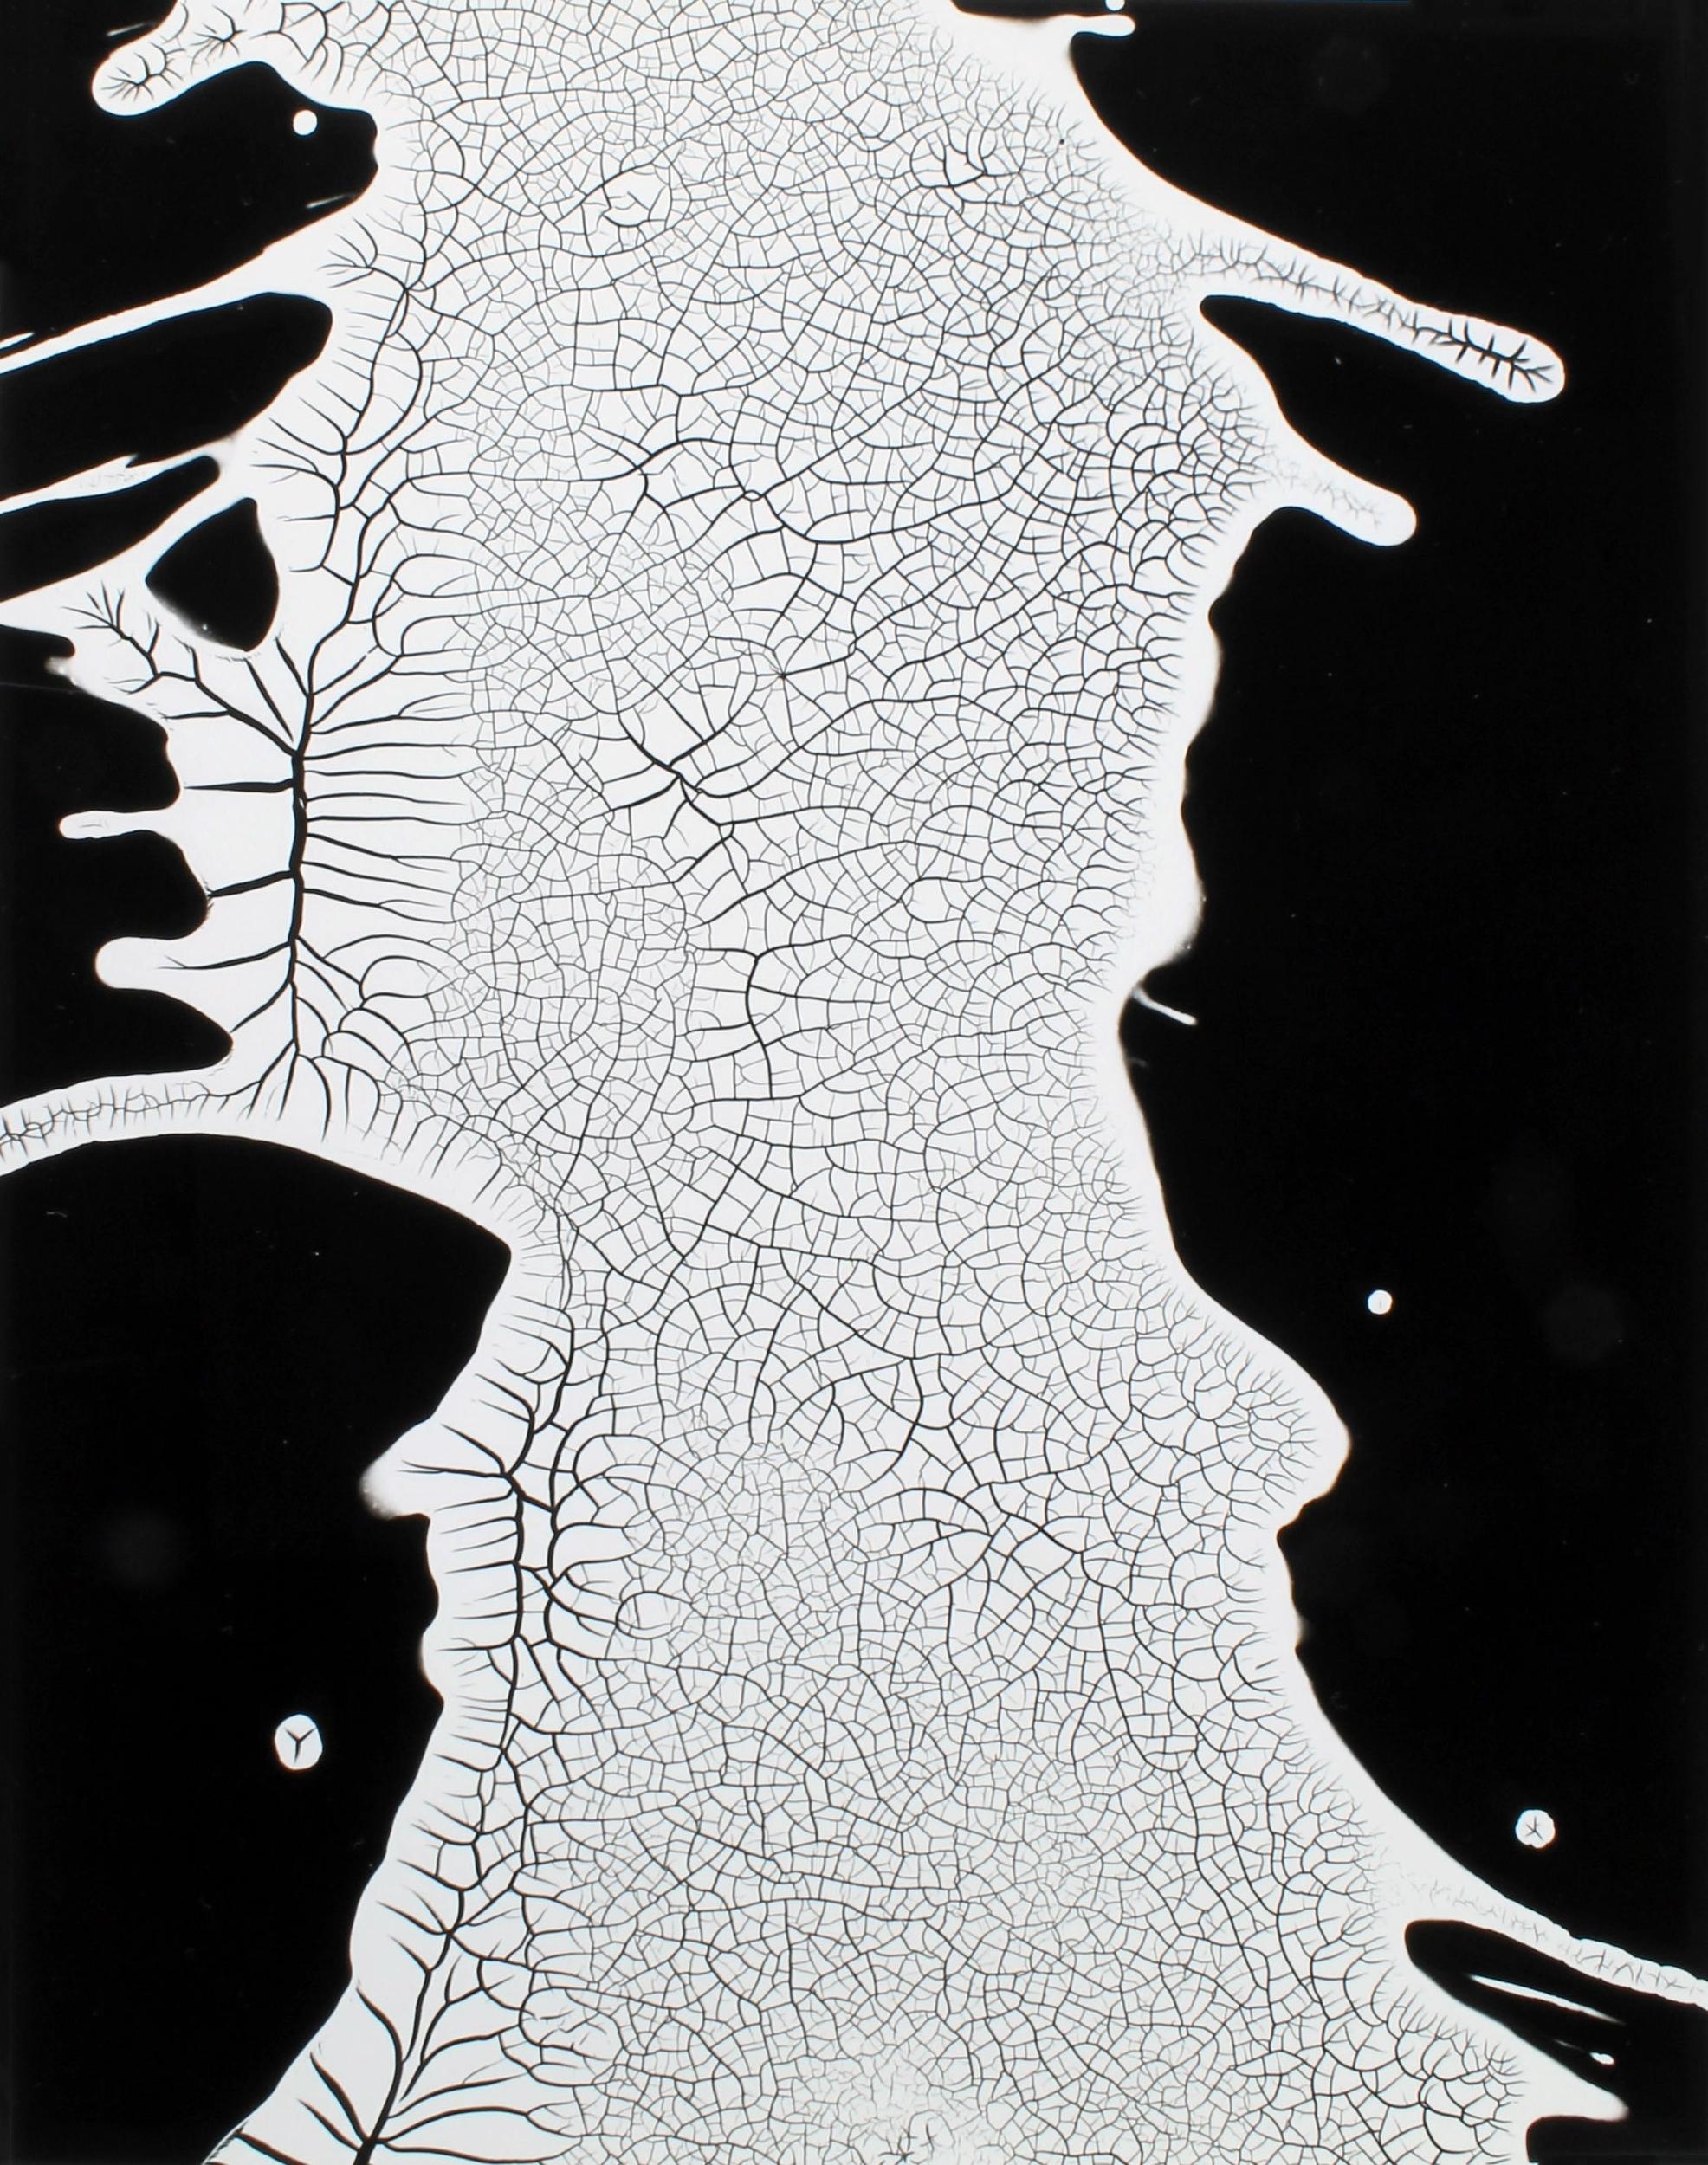 Hollis Frampton | Untitled